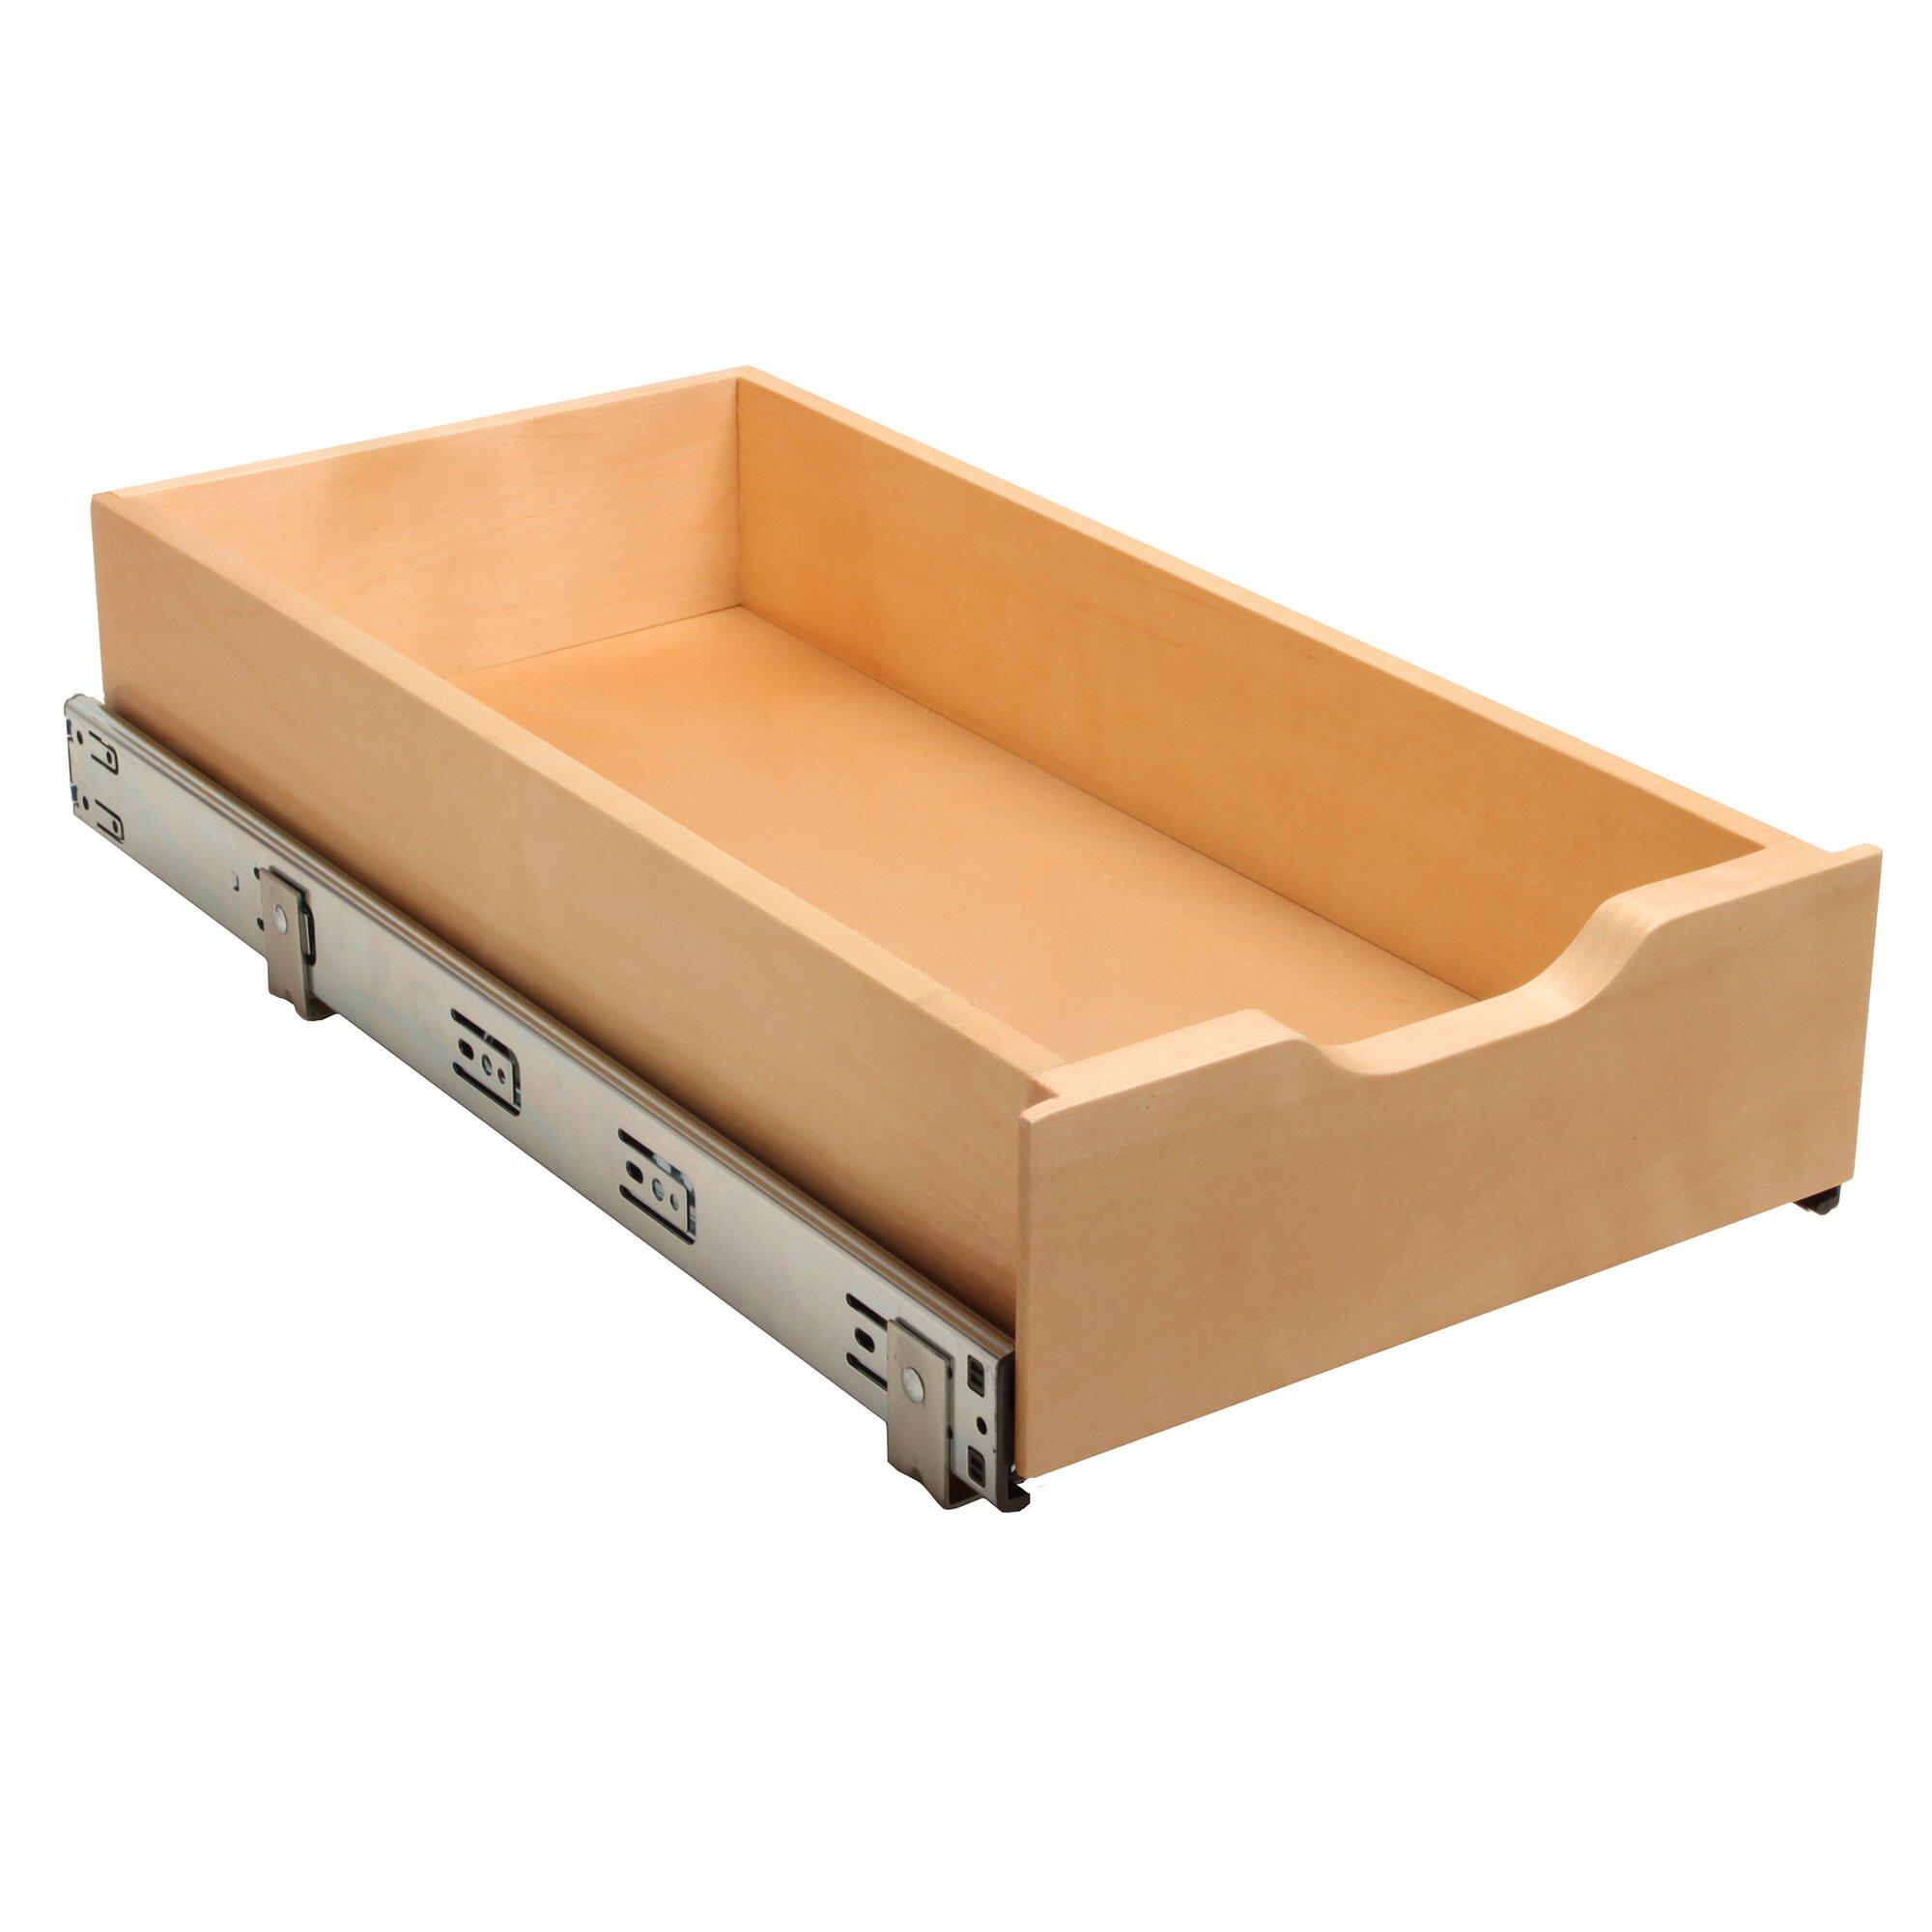 Knape vogt soft close wood drawer box wayfair for Bedroom furniture soft close drawers